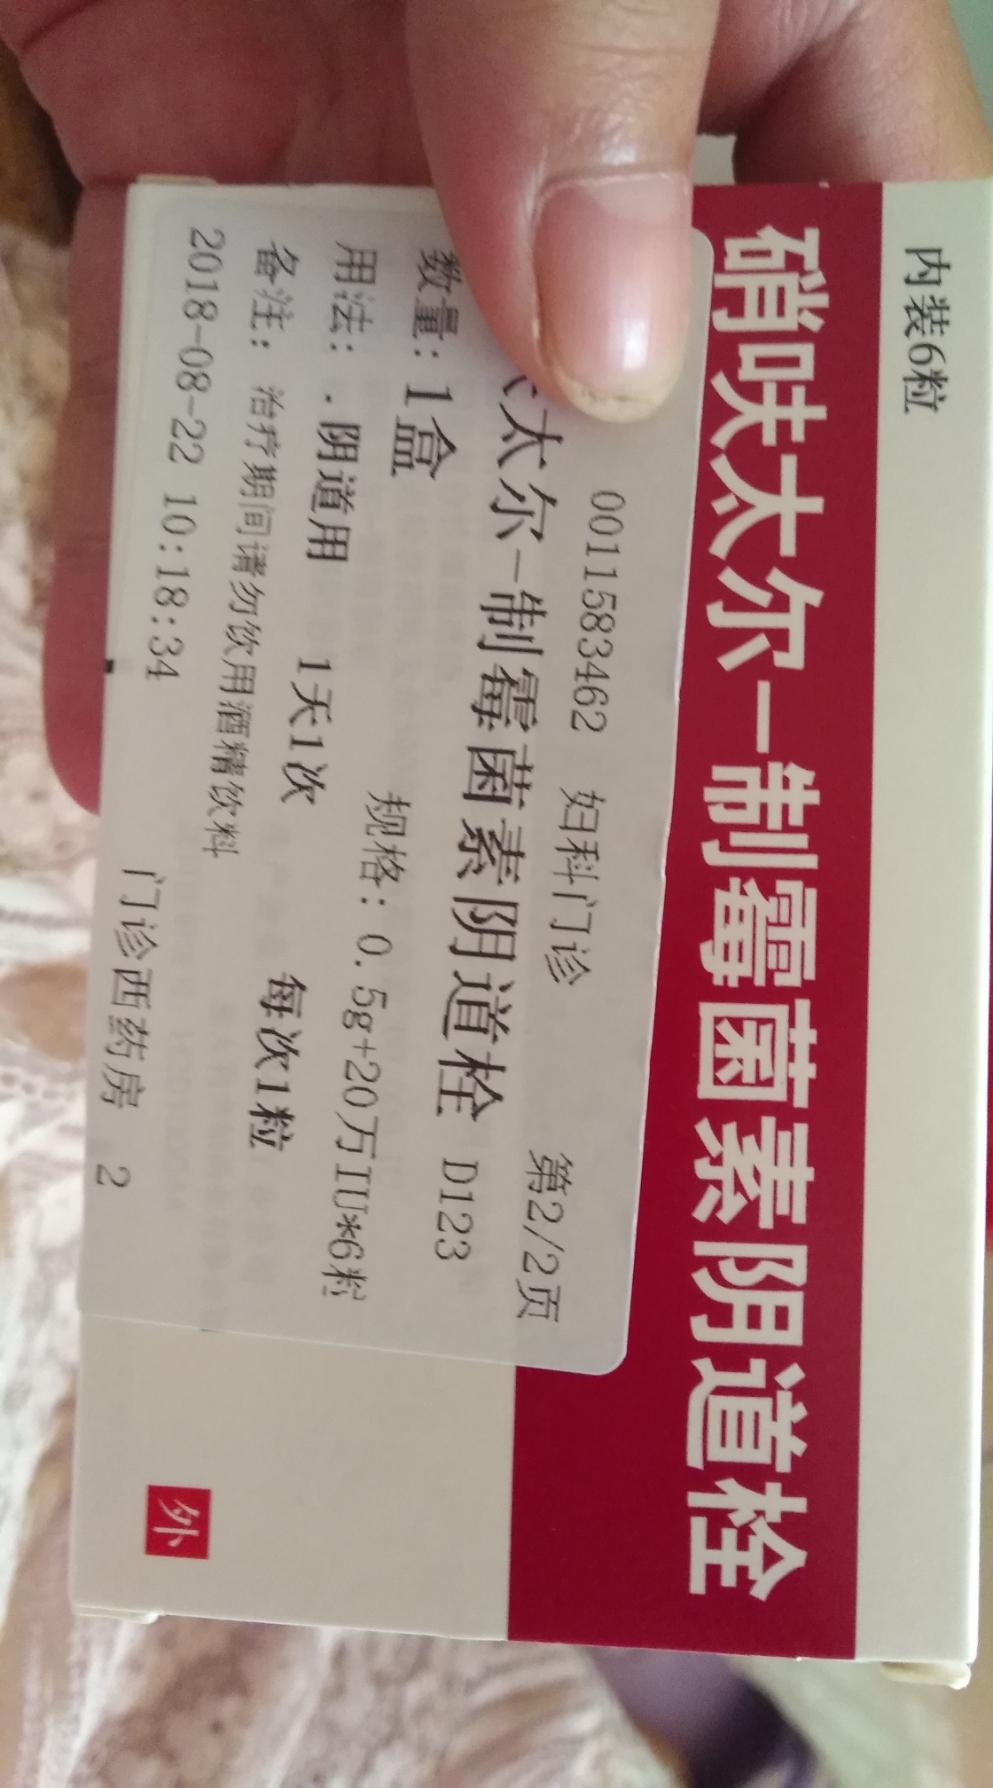 怀孕32周,医生v医生患了真菌阴道炎,步骤给开了白带挺山羊图片